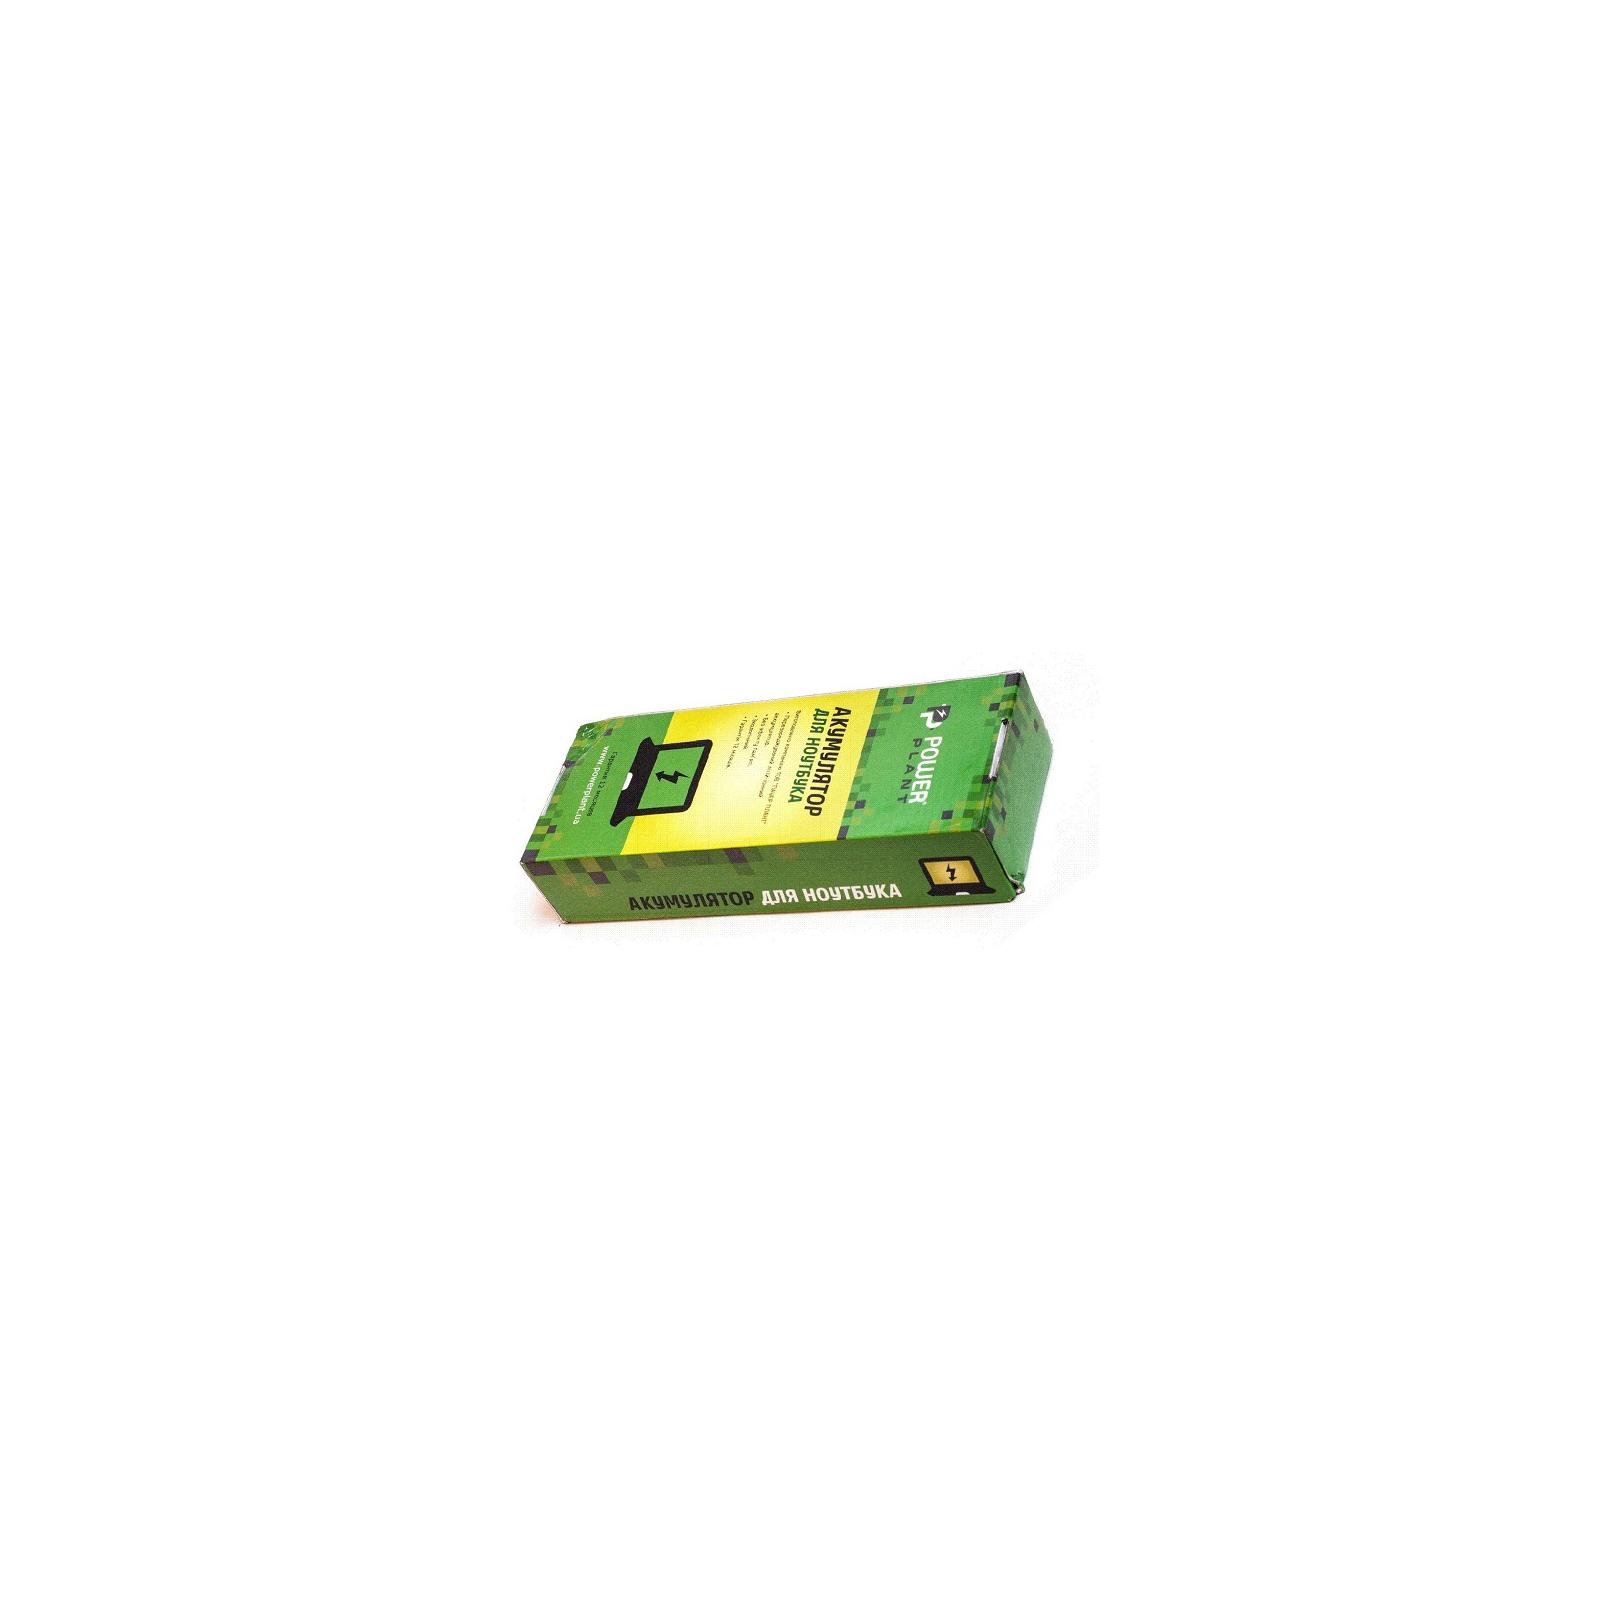 Аккумулятор для ноутбука ASUS A9T (SQU-503, BQU528LH) 11.1V 5200mAh PowerPlant (NB00000107) изображение 3